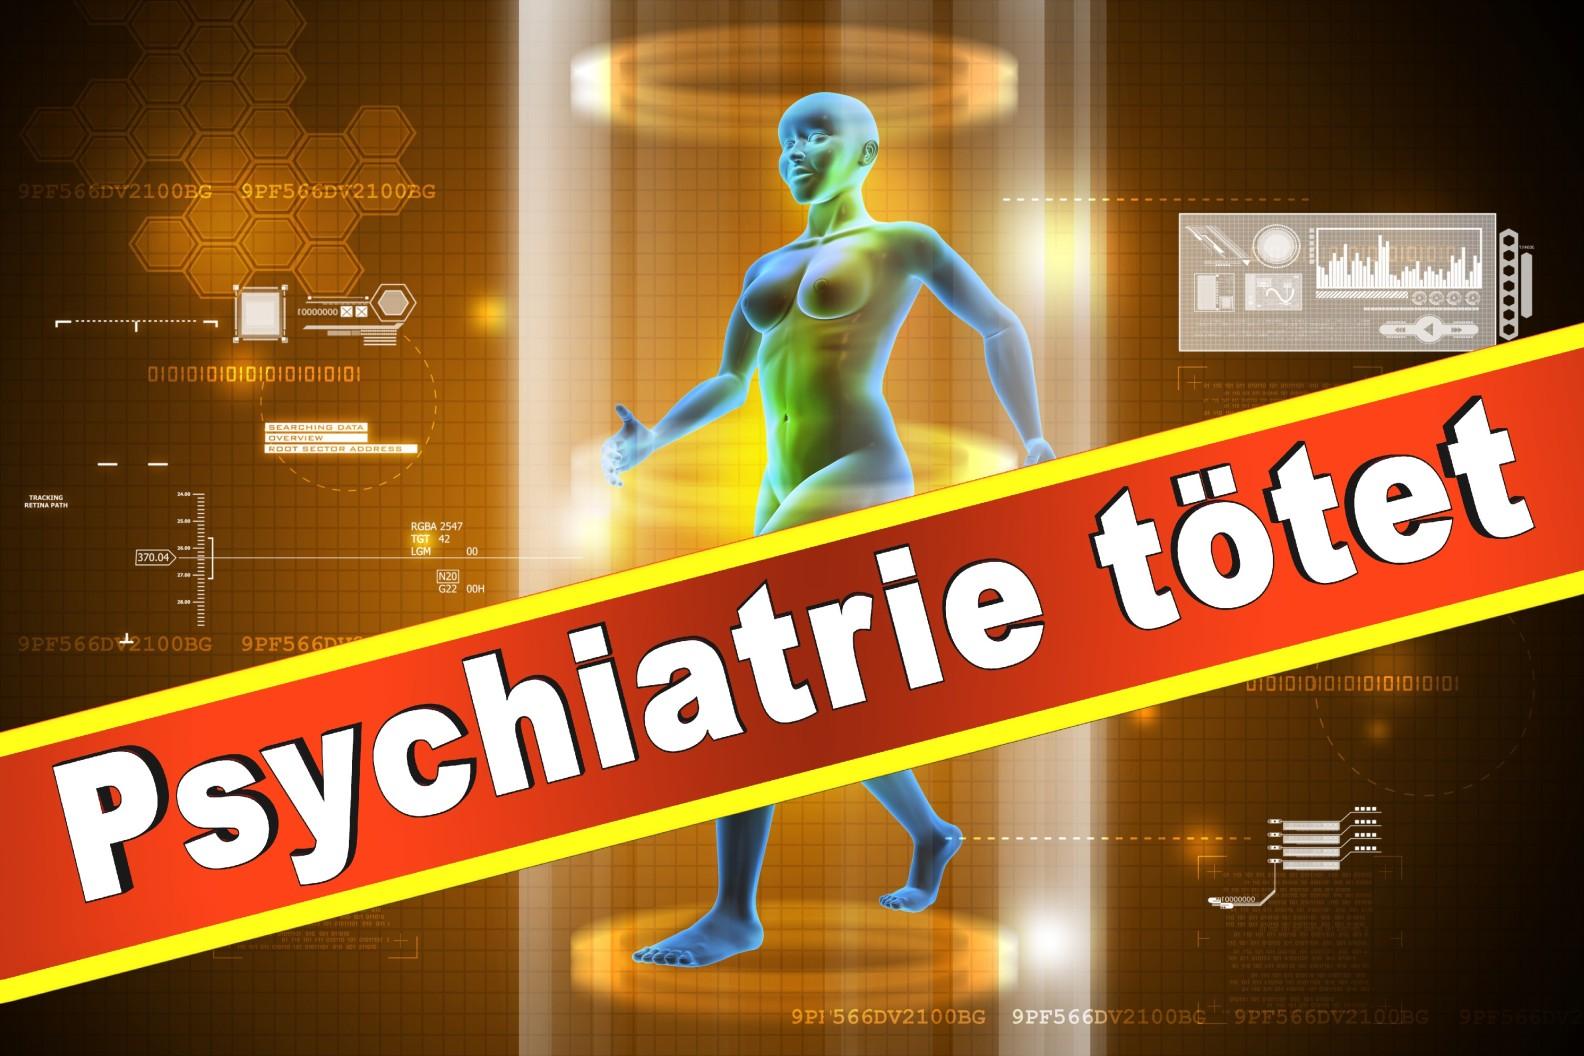 AHG Fachkrankenhaus Für Psychosomatische Medizin Und Psychotherapie Bombergallee Bad Pyrmont